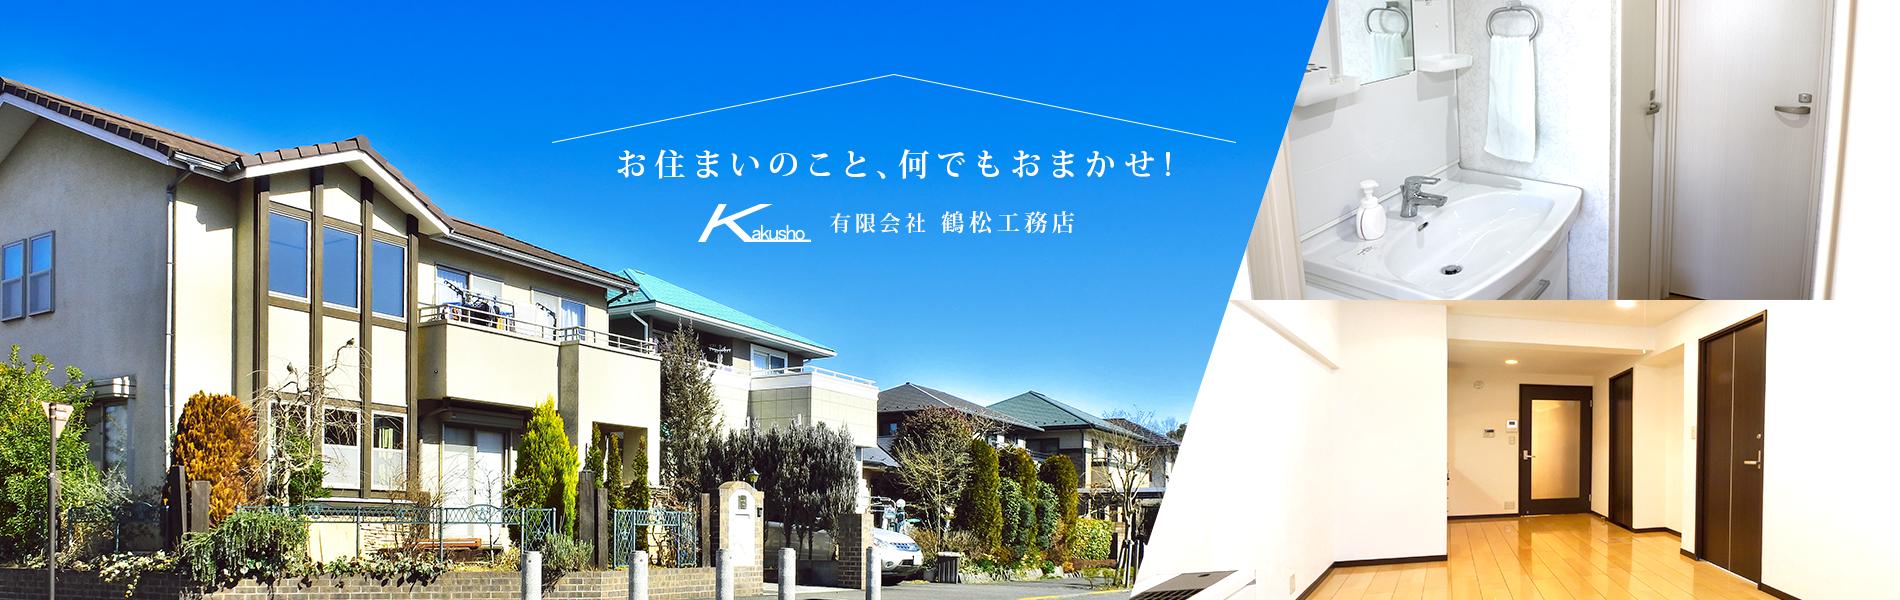 名古屋市南区の住宅リフォームなら有限会社鶴松工務店にお任せください